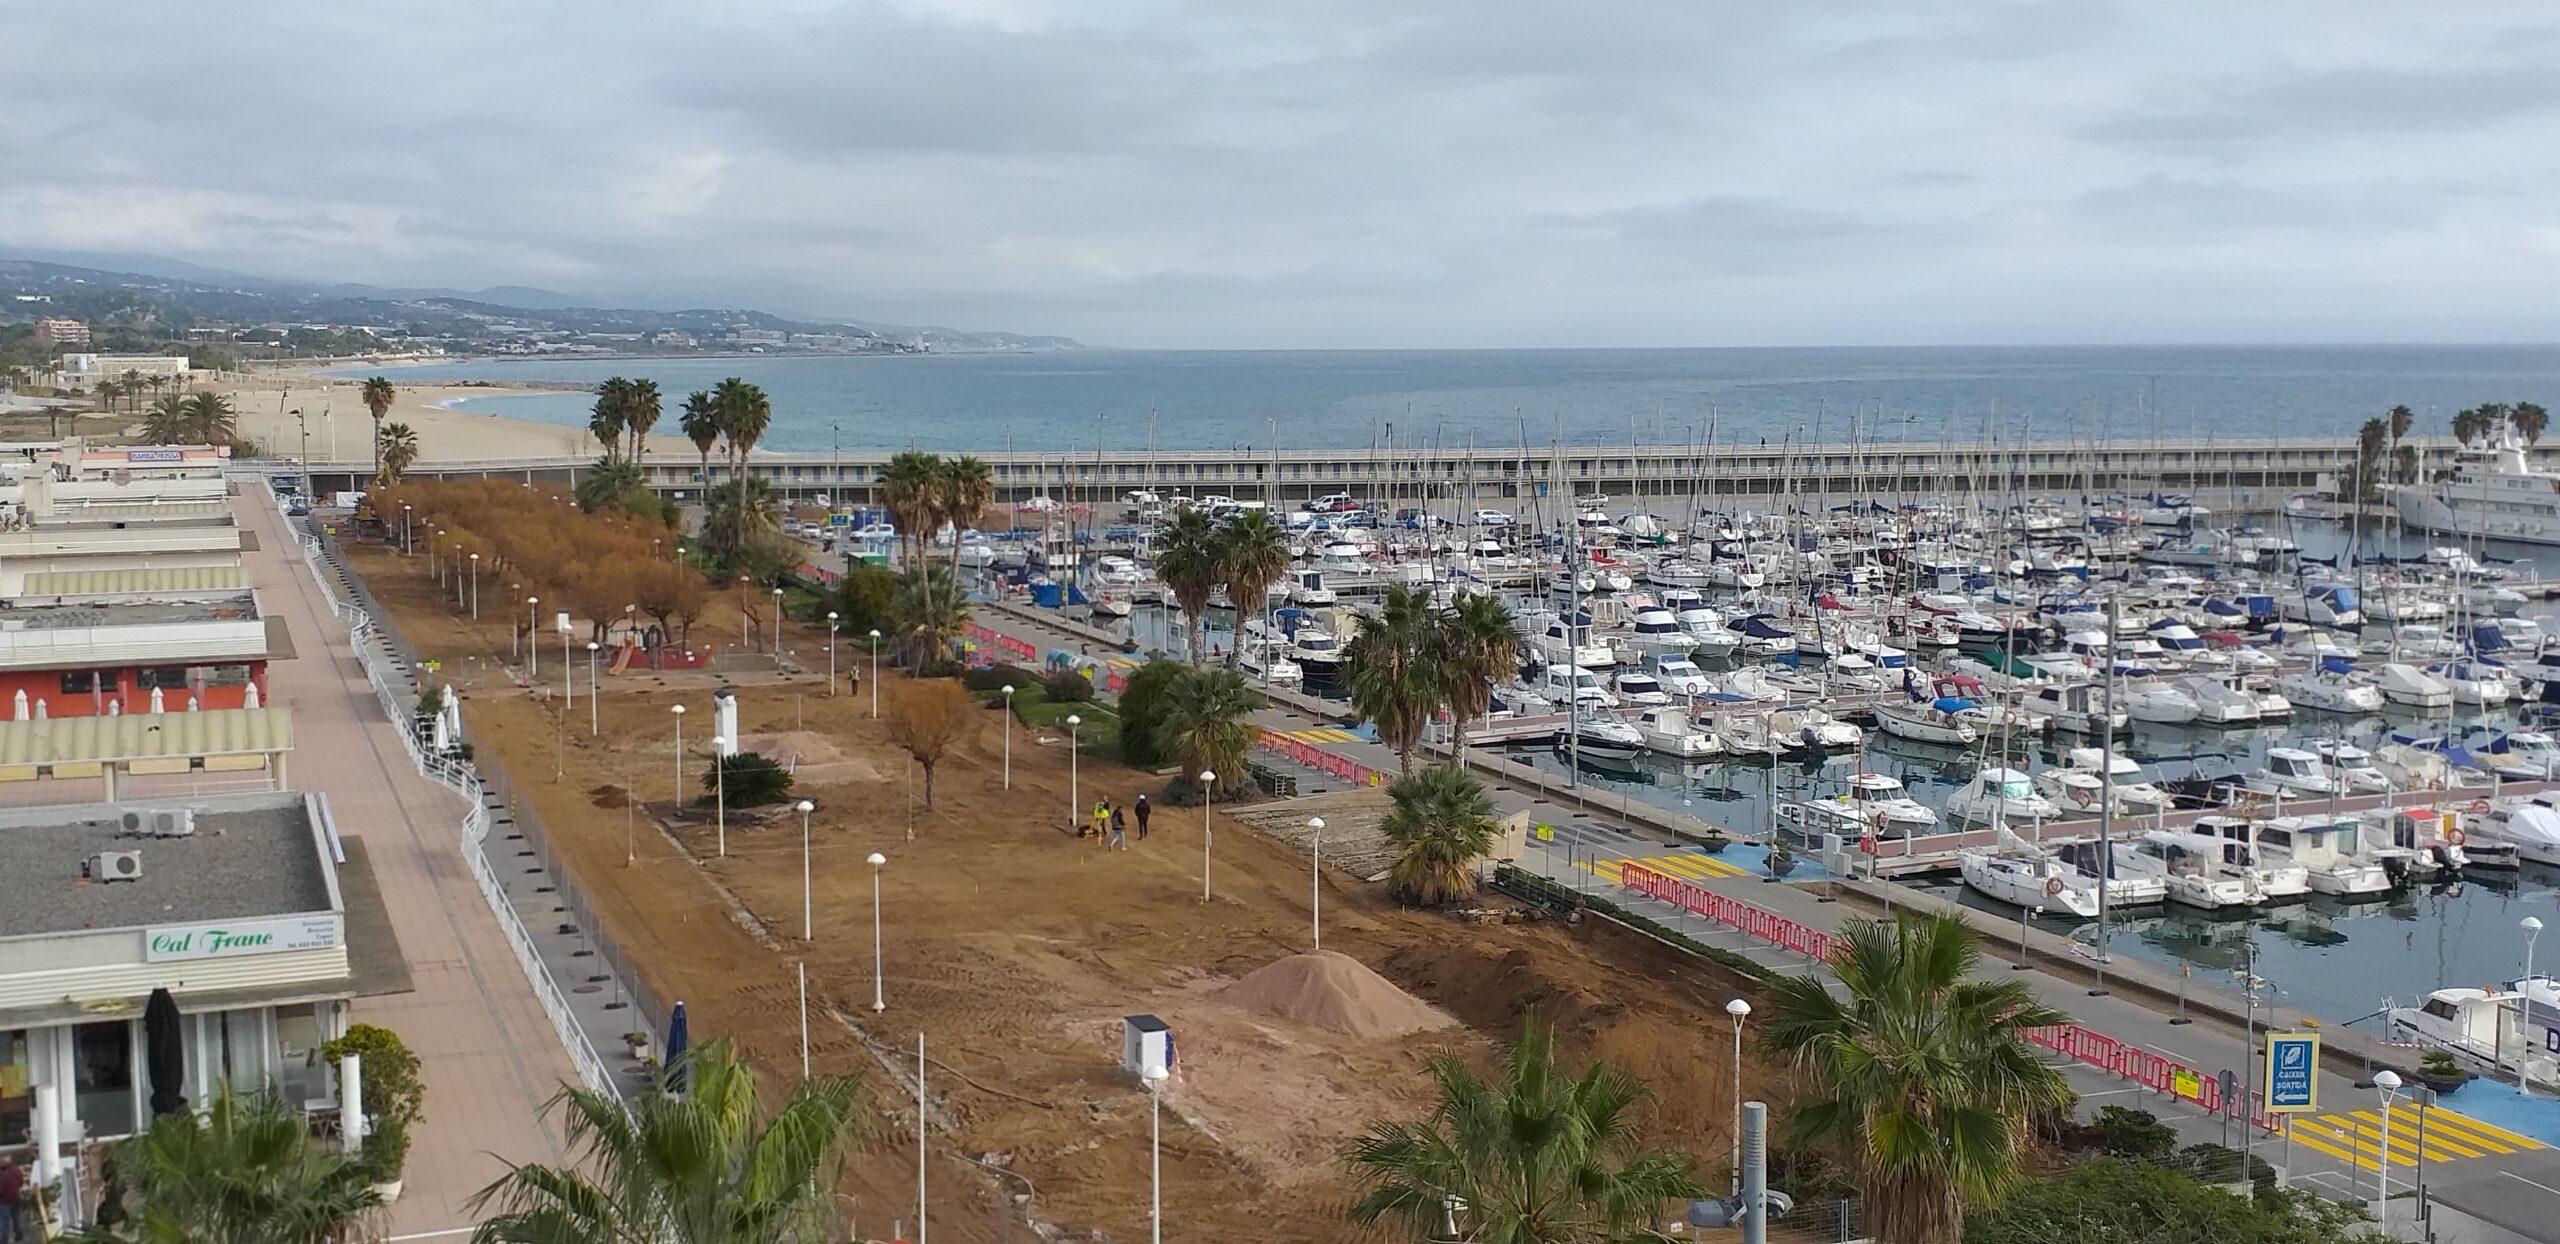 Vista aérea obres port